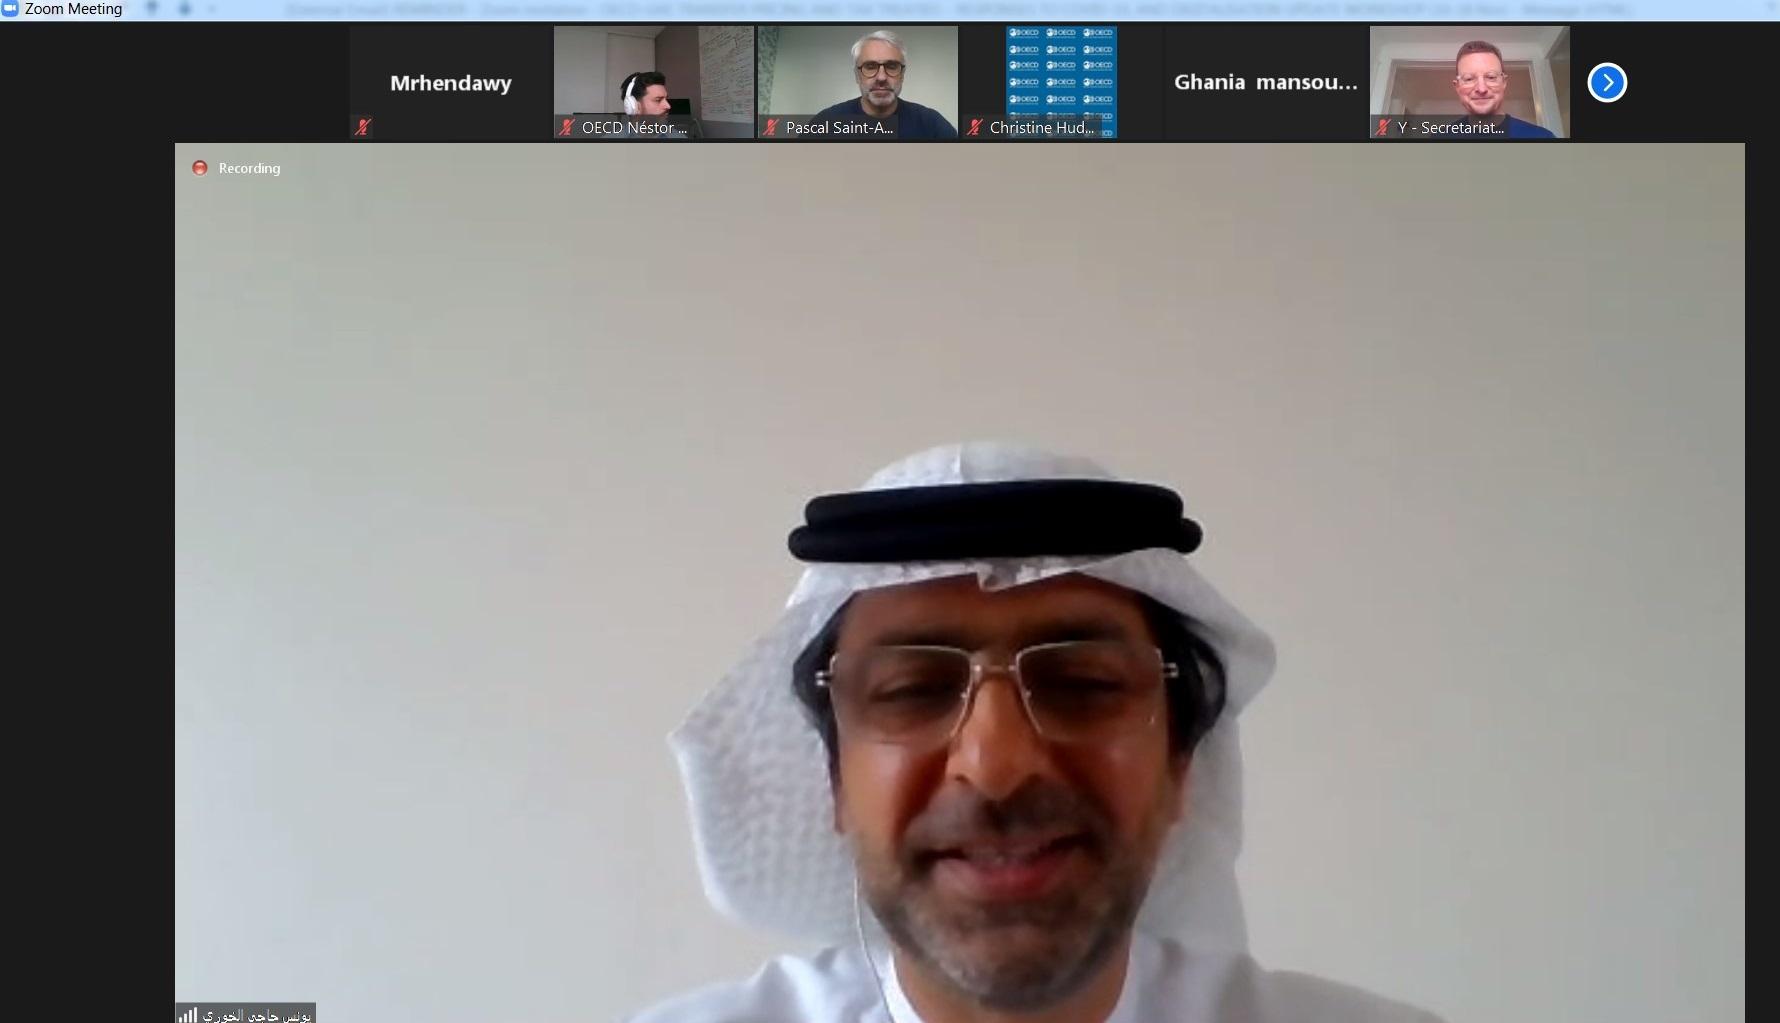 وزارة المالية : الإمارات تعمل على تطوير شبكة شاملة للمعاهدات الضريبية